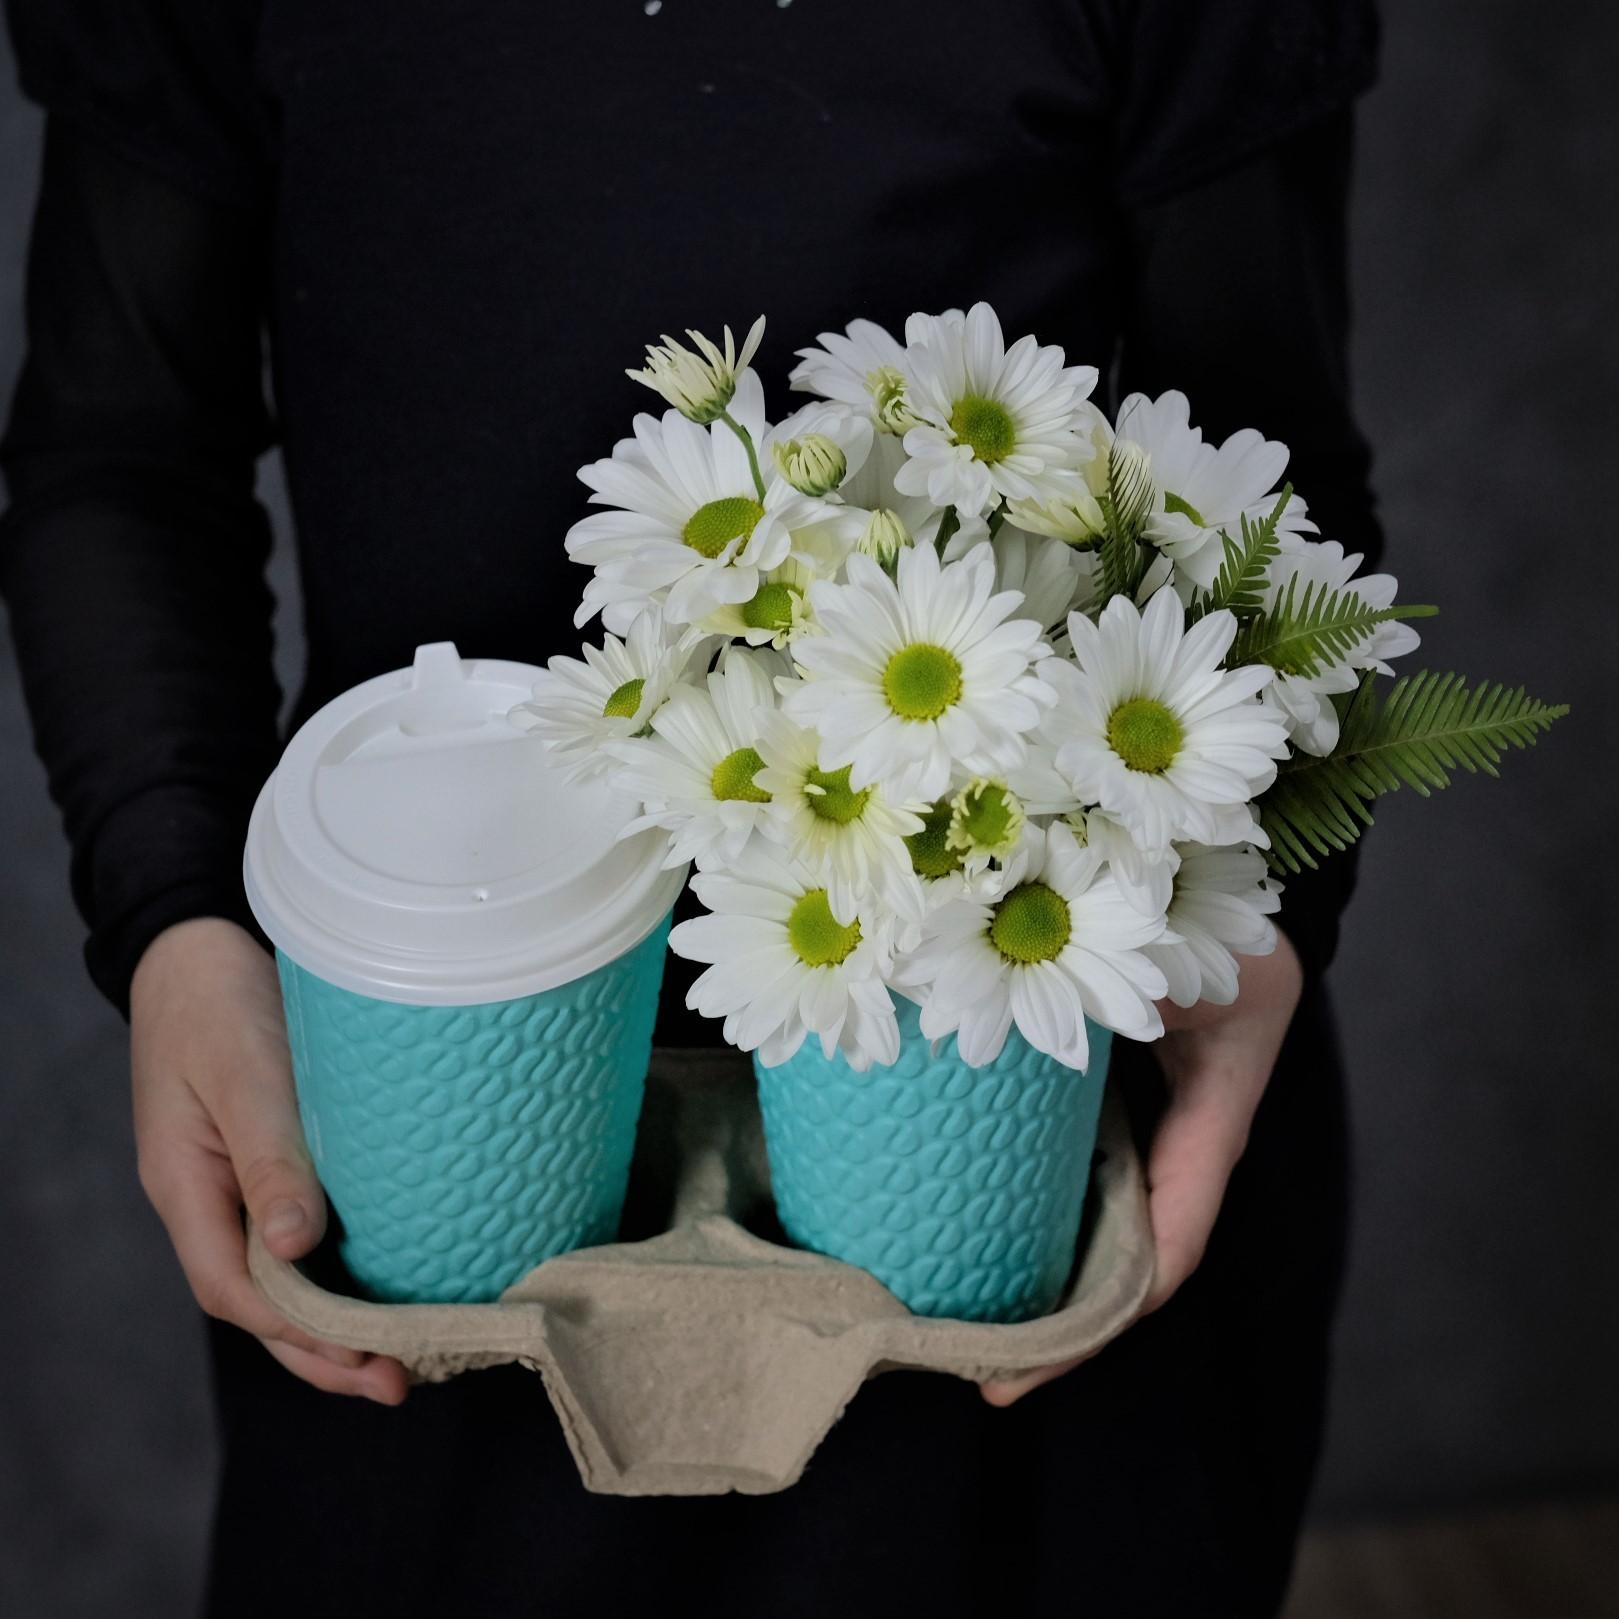 Доставка кофе с собой и цветочная композиция в стаканчике ромашки Пермь заказать онлайн купить